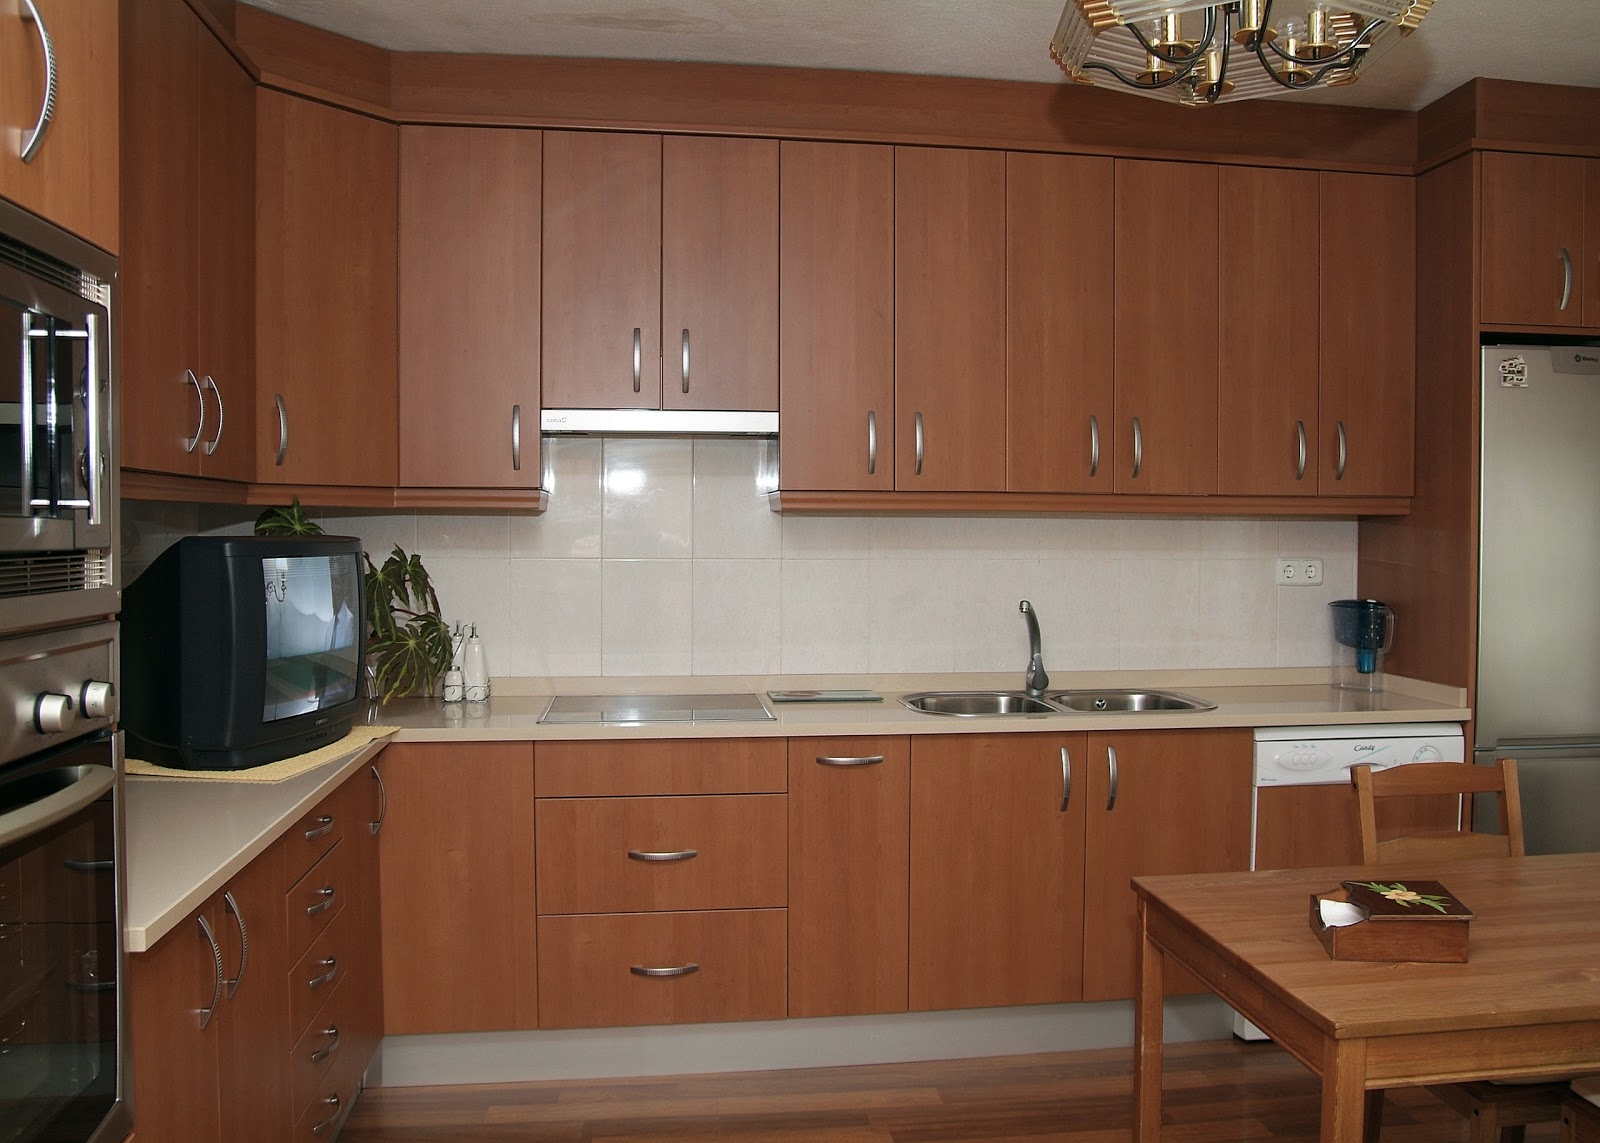 Cocisan abril 2011 - Muebles de cocina de formica ...